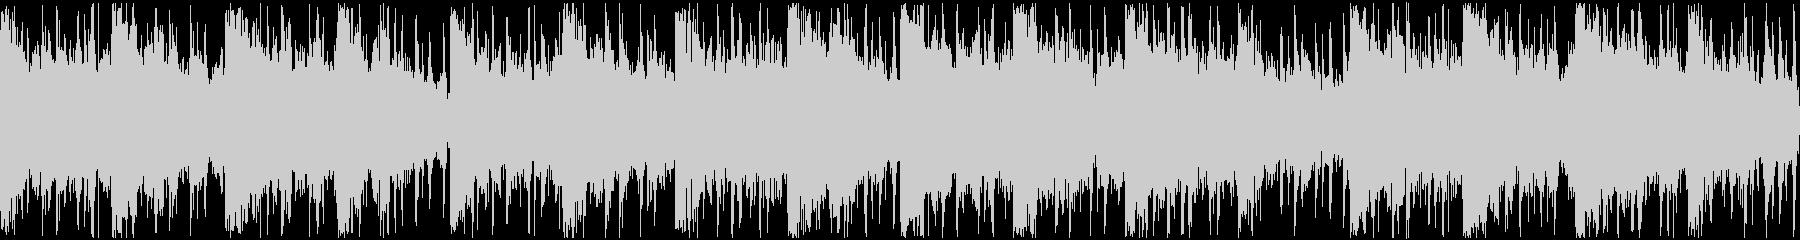 アンビエント感のあるヒップホップ系ループの未再生の波形